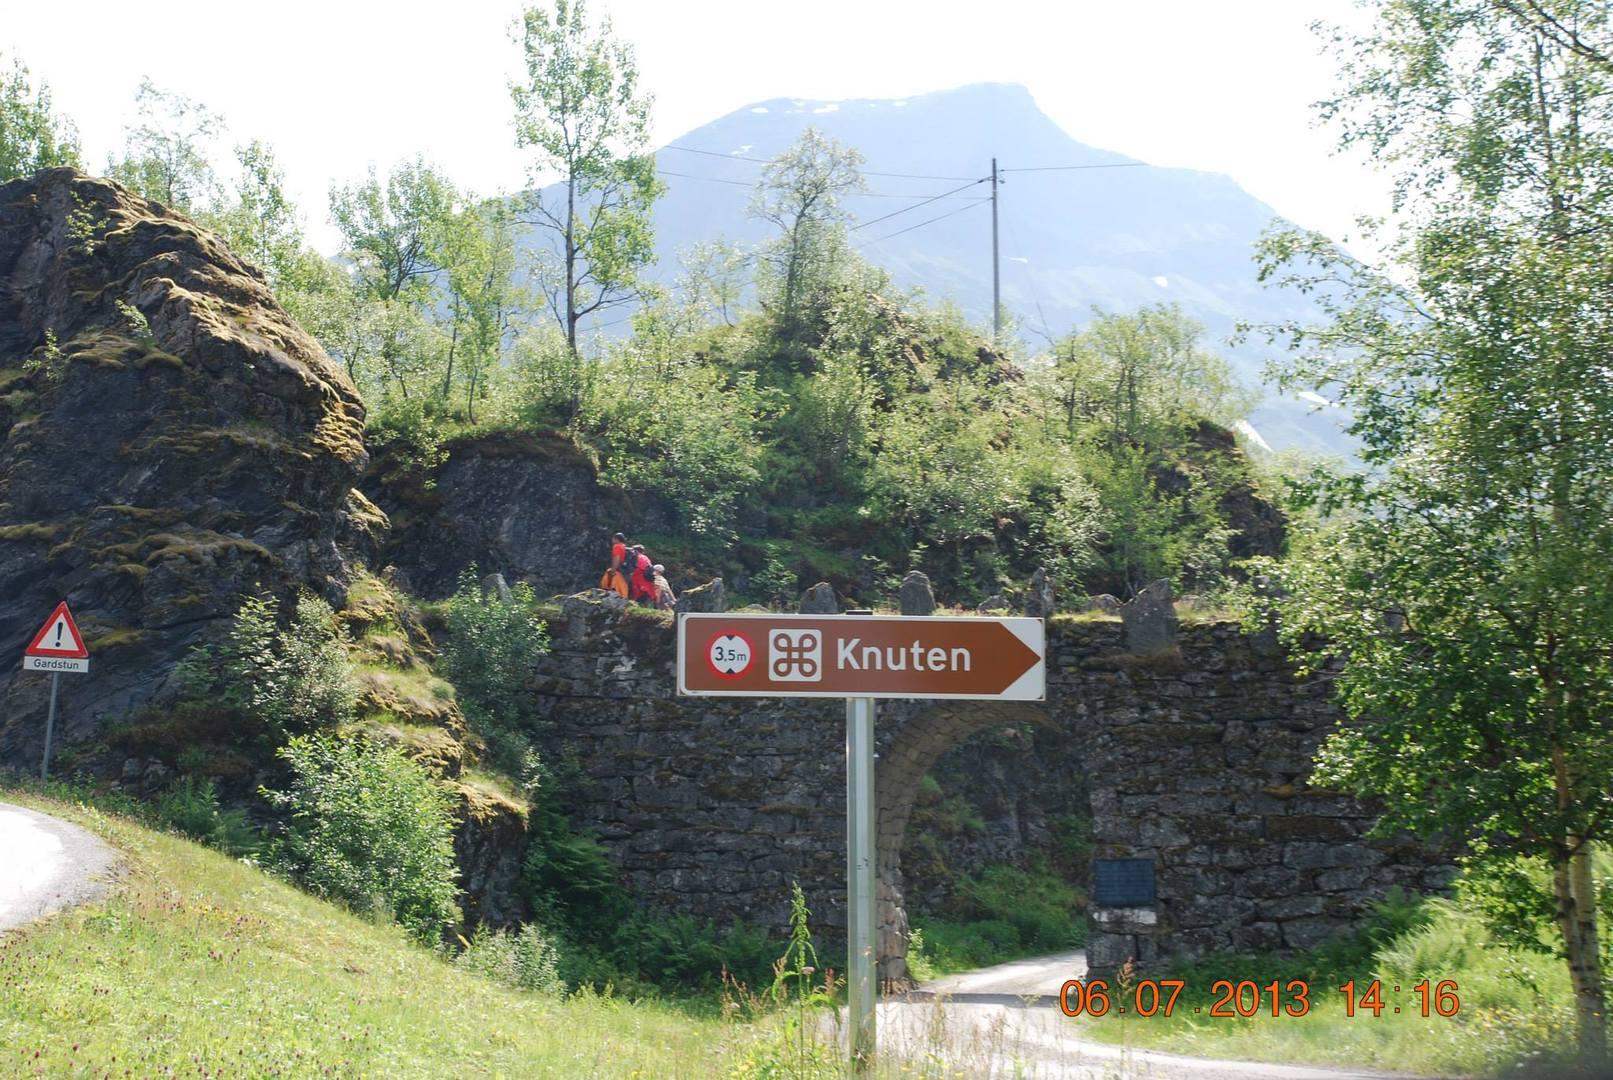 שלט מקום הנקרא Knuten